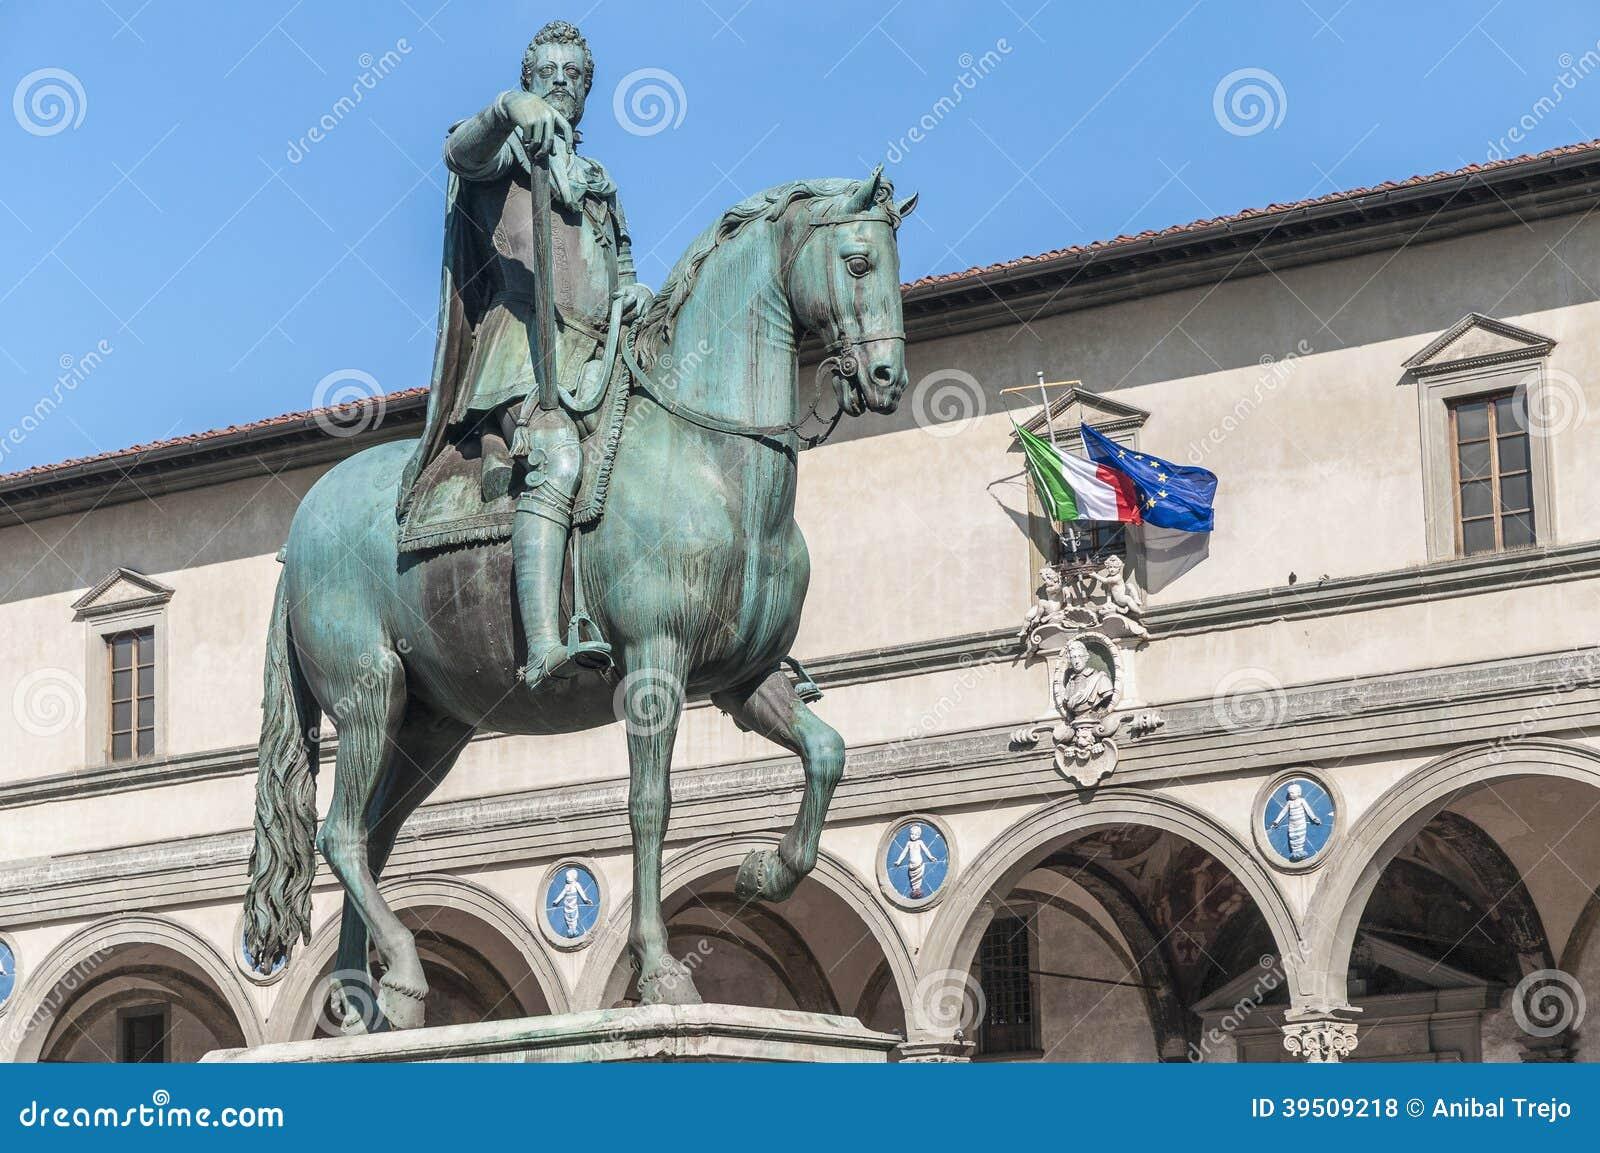 Statue of Ferdinando I de Medici in Florence, Italy